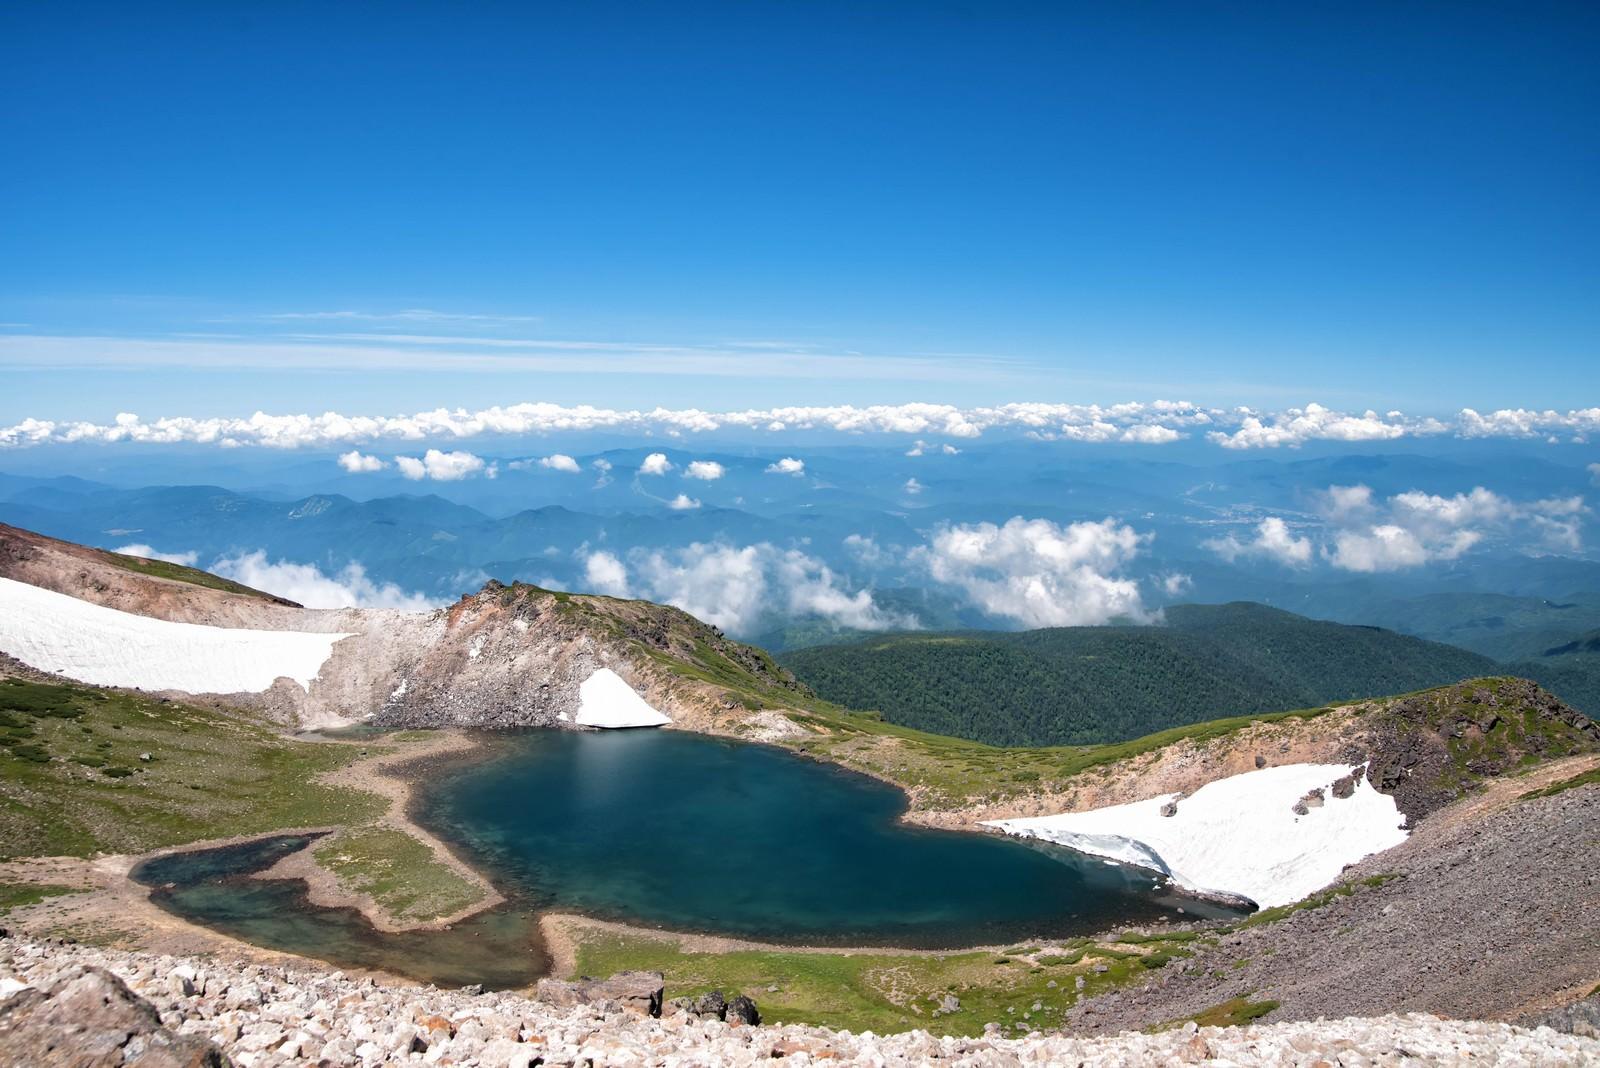 「権現池から望む大パノラマ」の写真